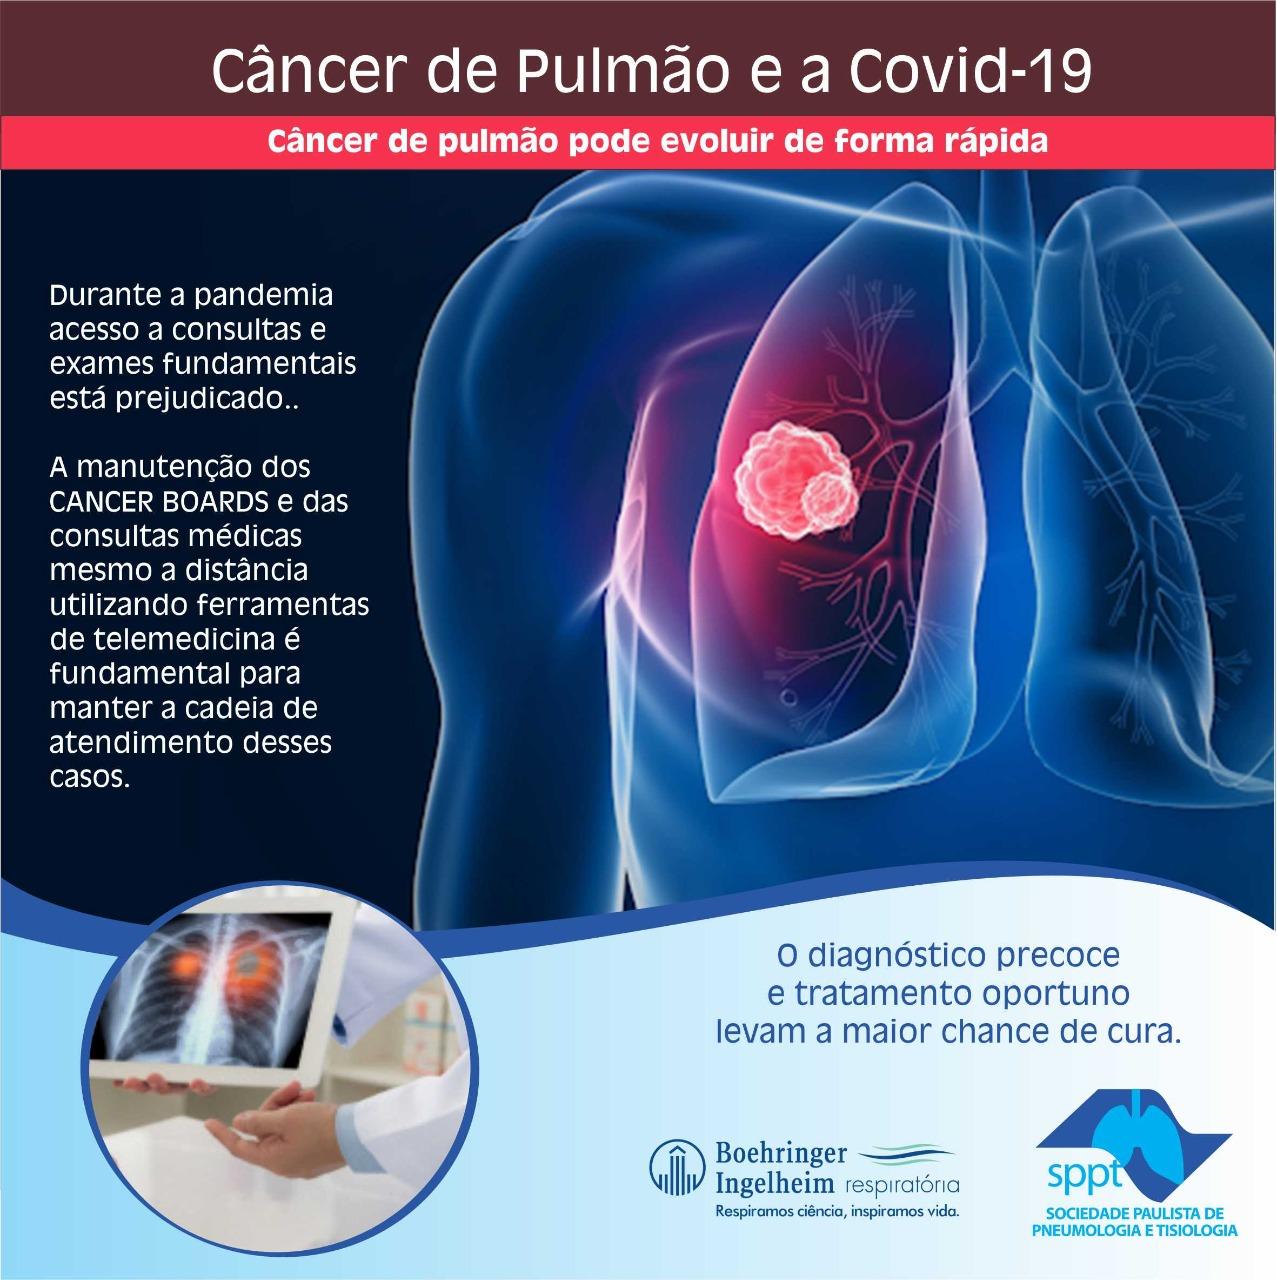 Câncer de Pulmão e a Covid-19